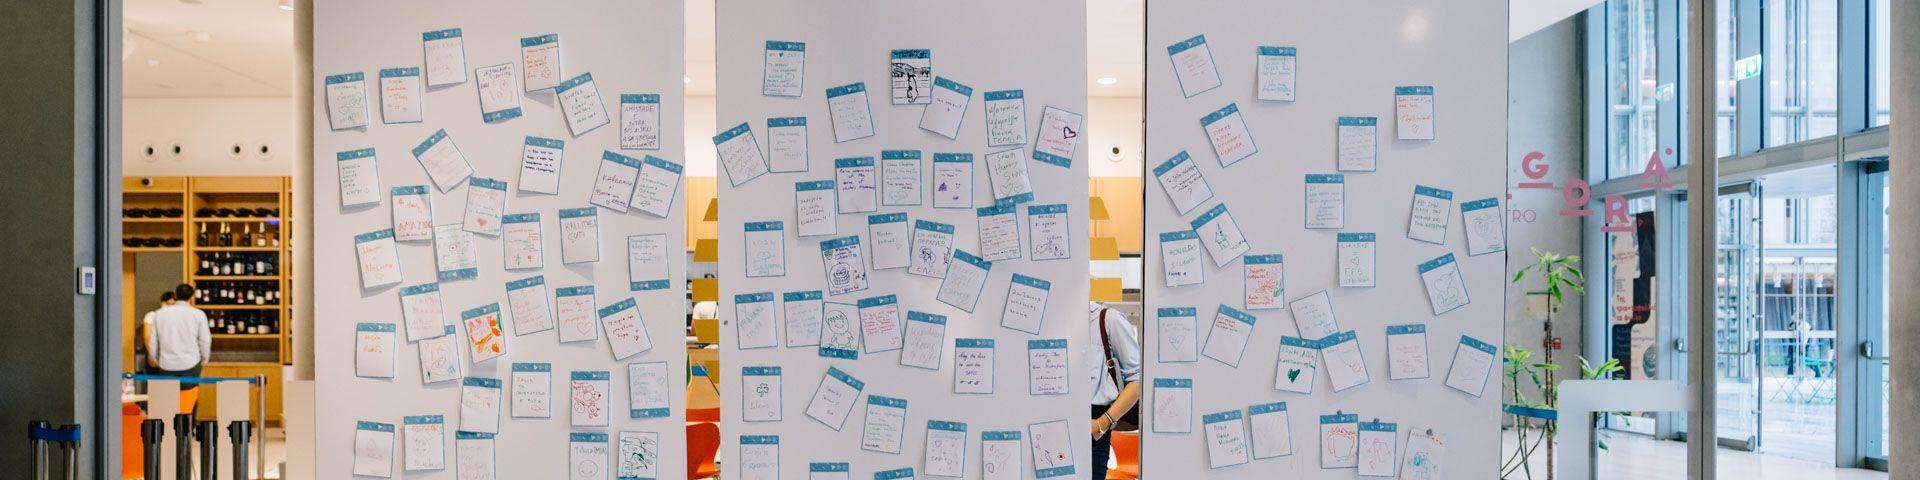 Το ΚΠΙΣΝ συμμετείχε για πρώτη φορά στον εορτασμό της Εθνικής Εβδομάδας Εξυπηρέτησης Πελατών | 04-09/10 - Εικόνα